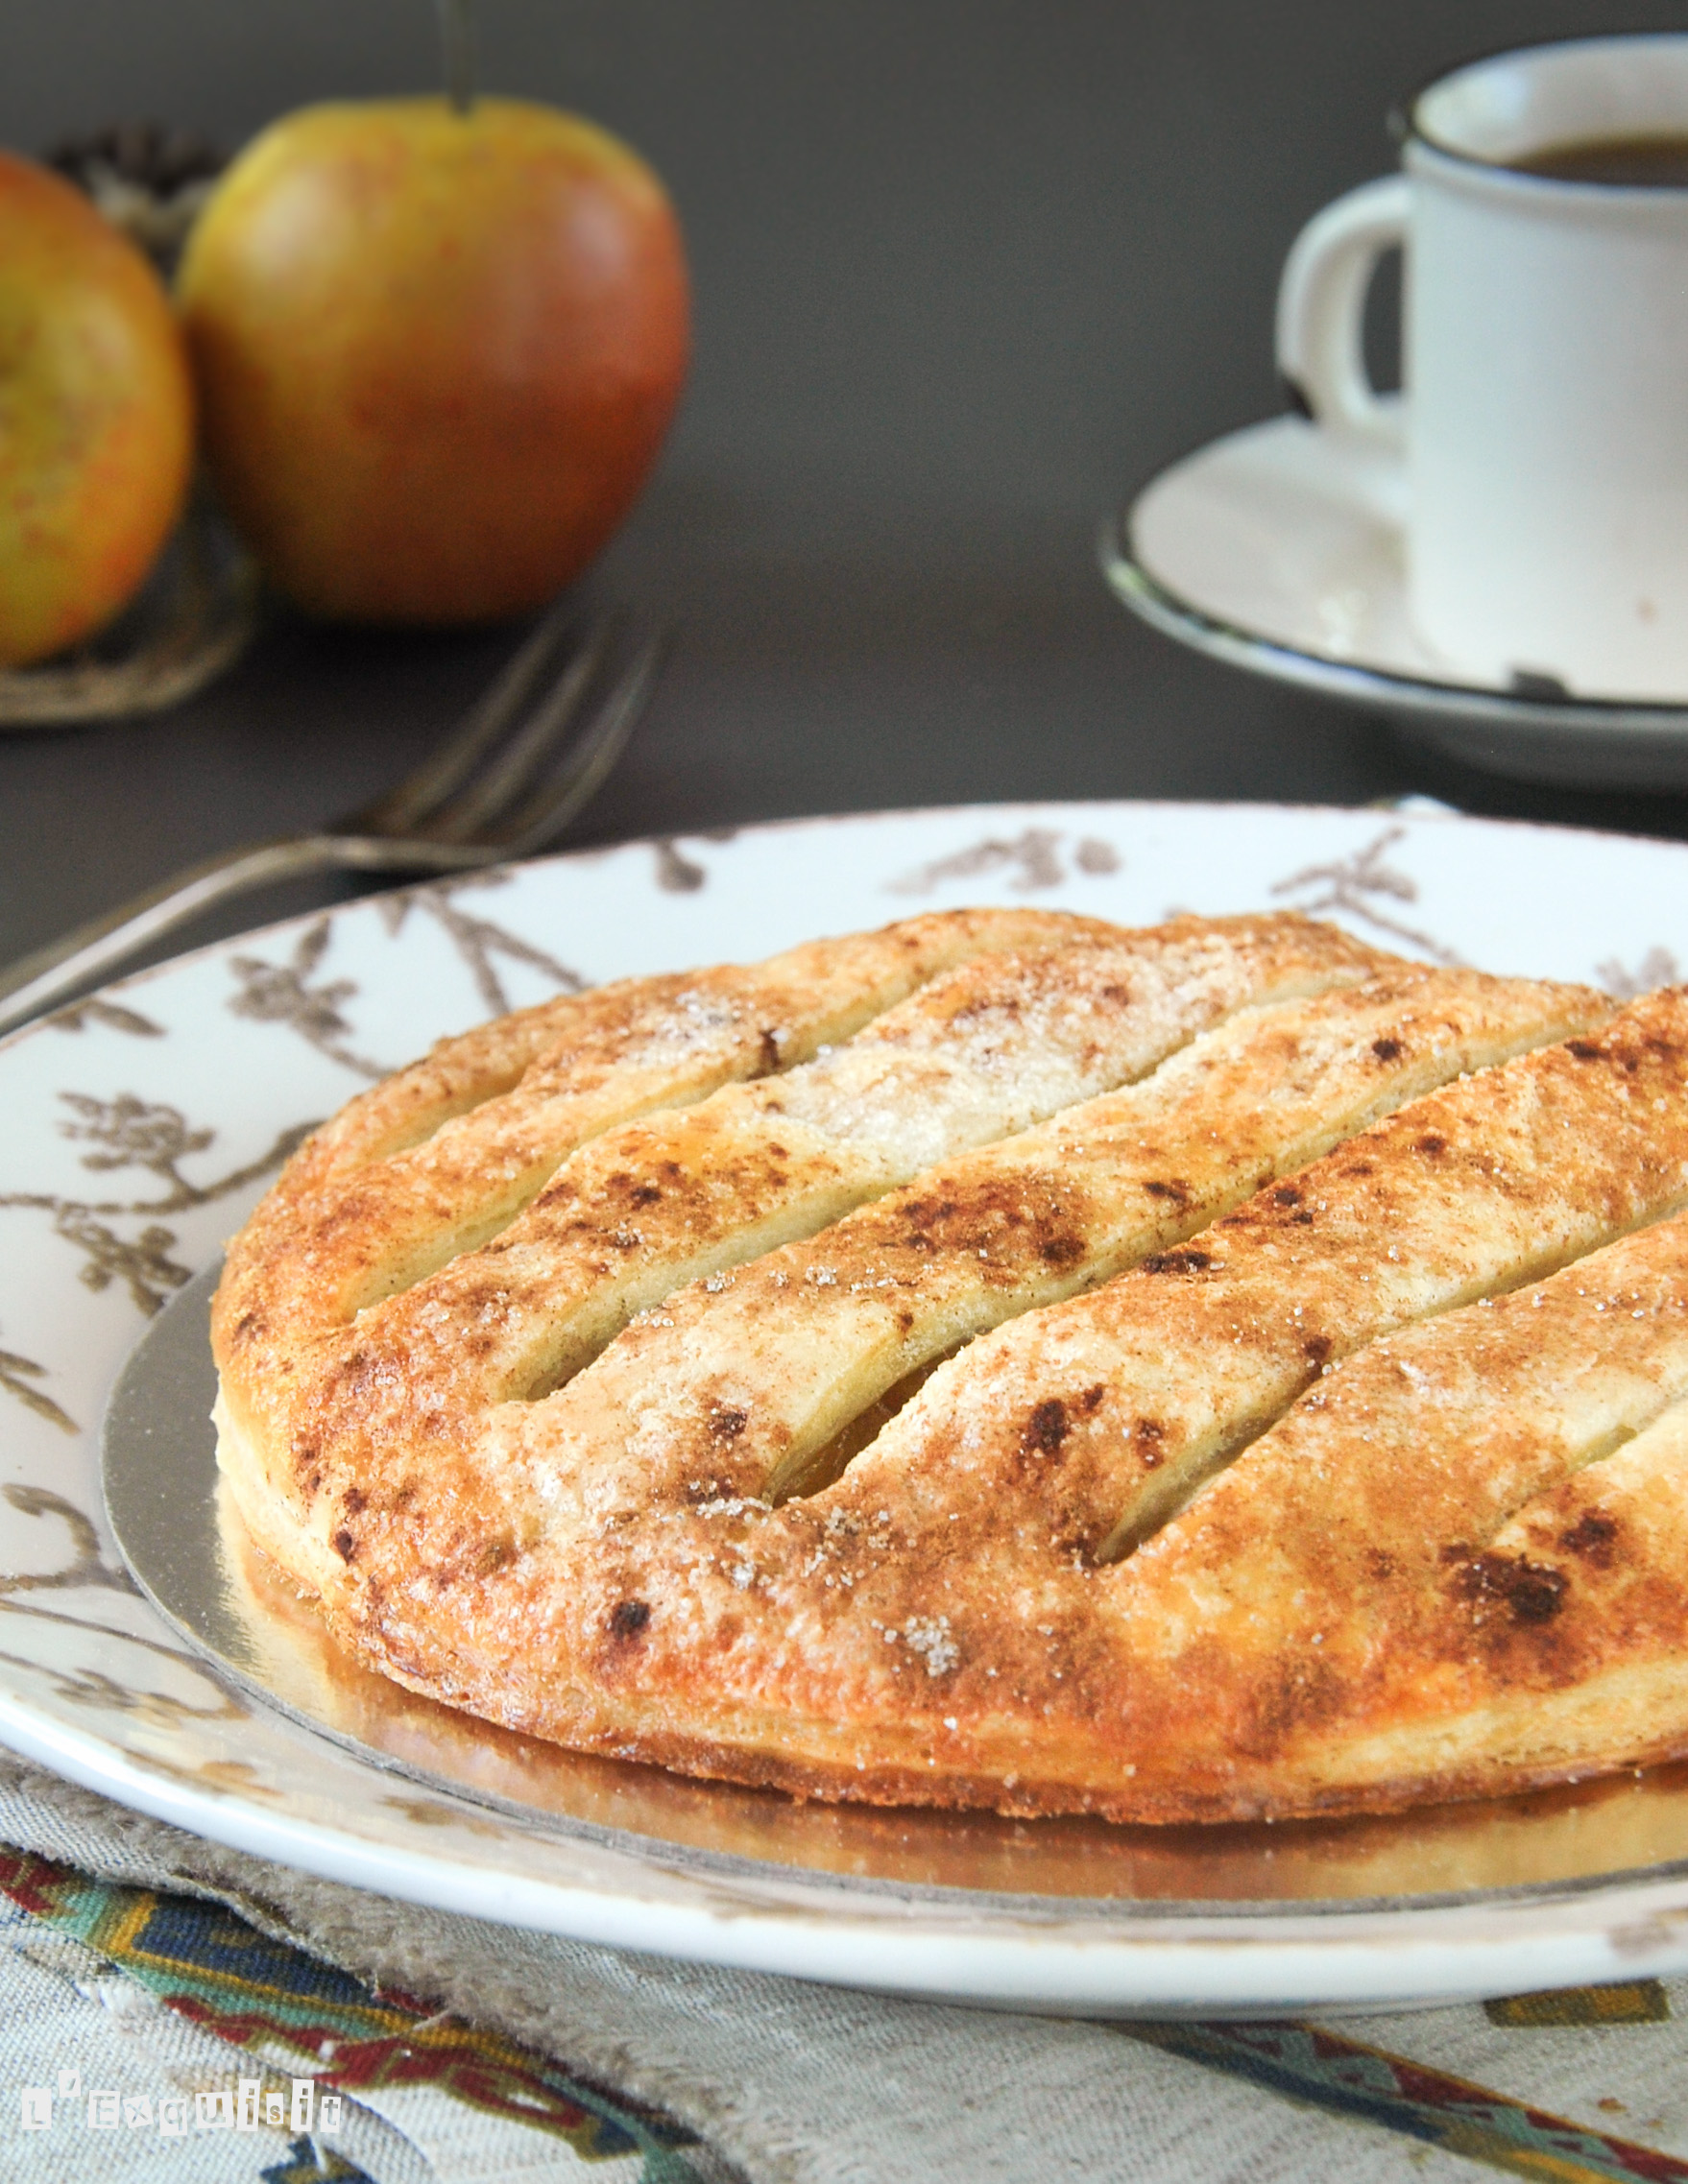 Tarta con manzana caramelizada